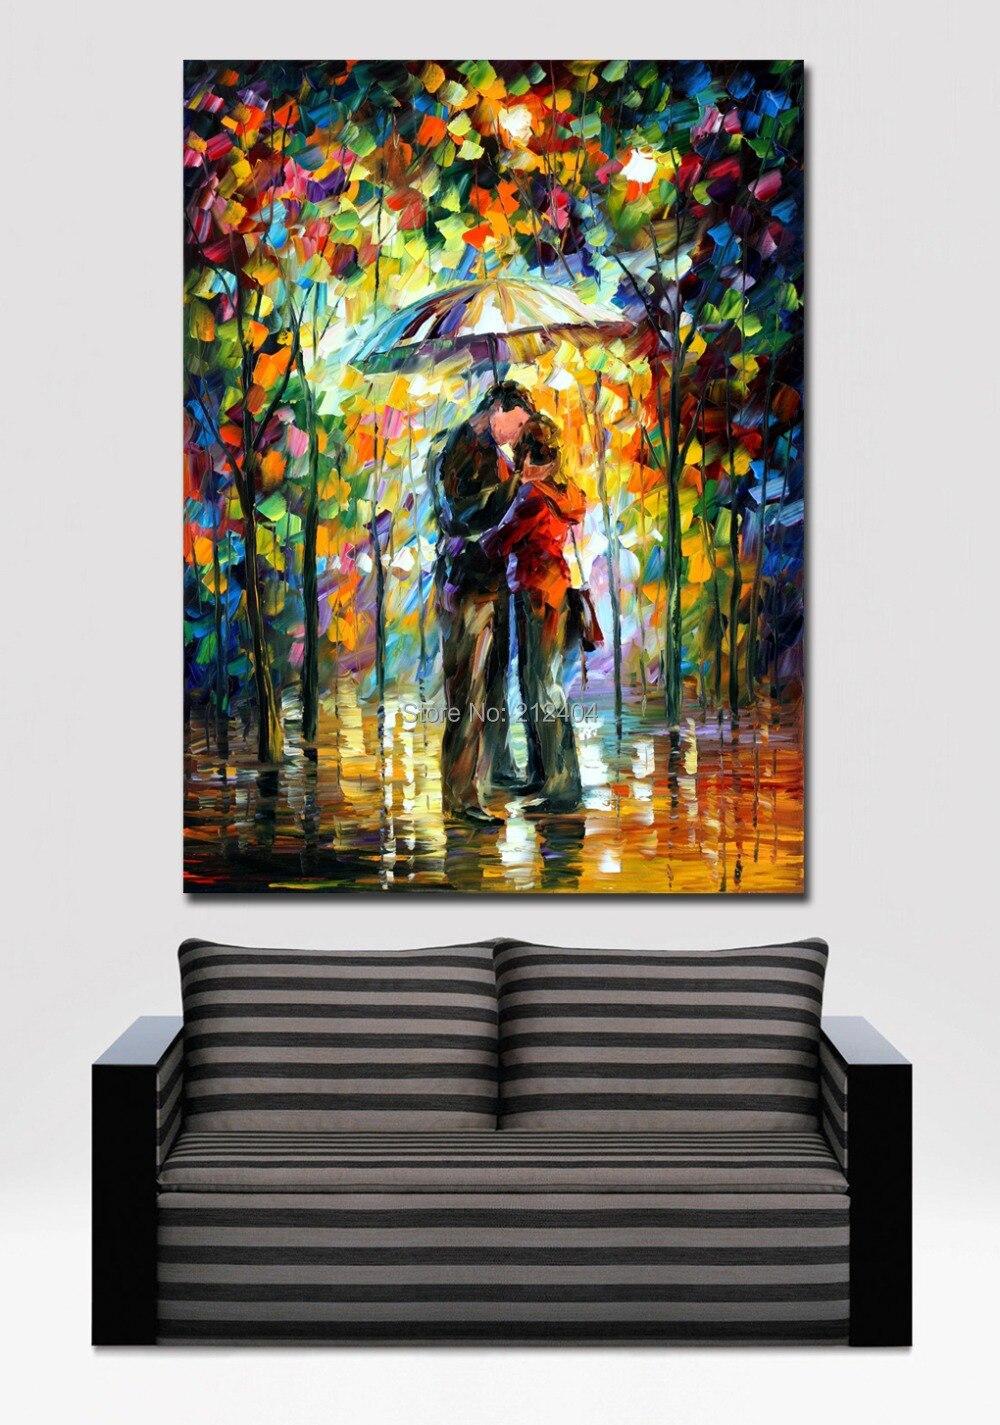 beso en el parque farmeless paleta de colores modernos pintura impresa sobre lienzo de pared imagen